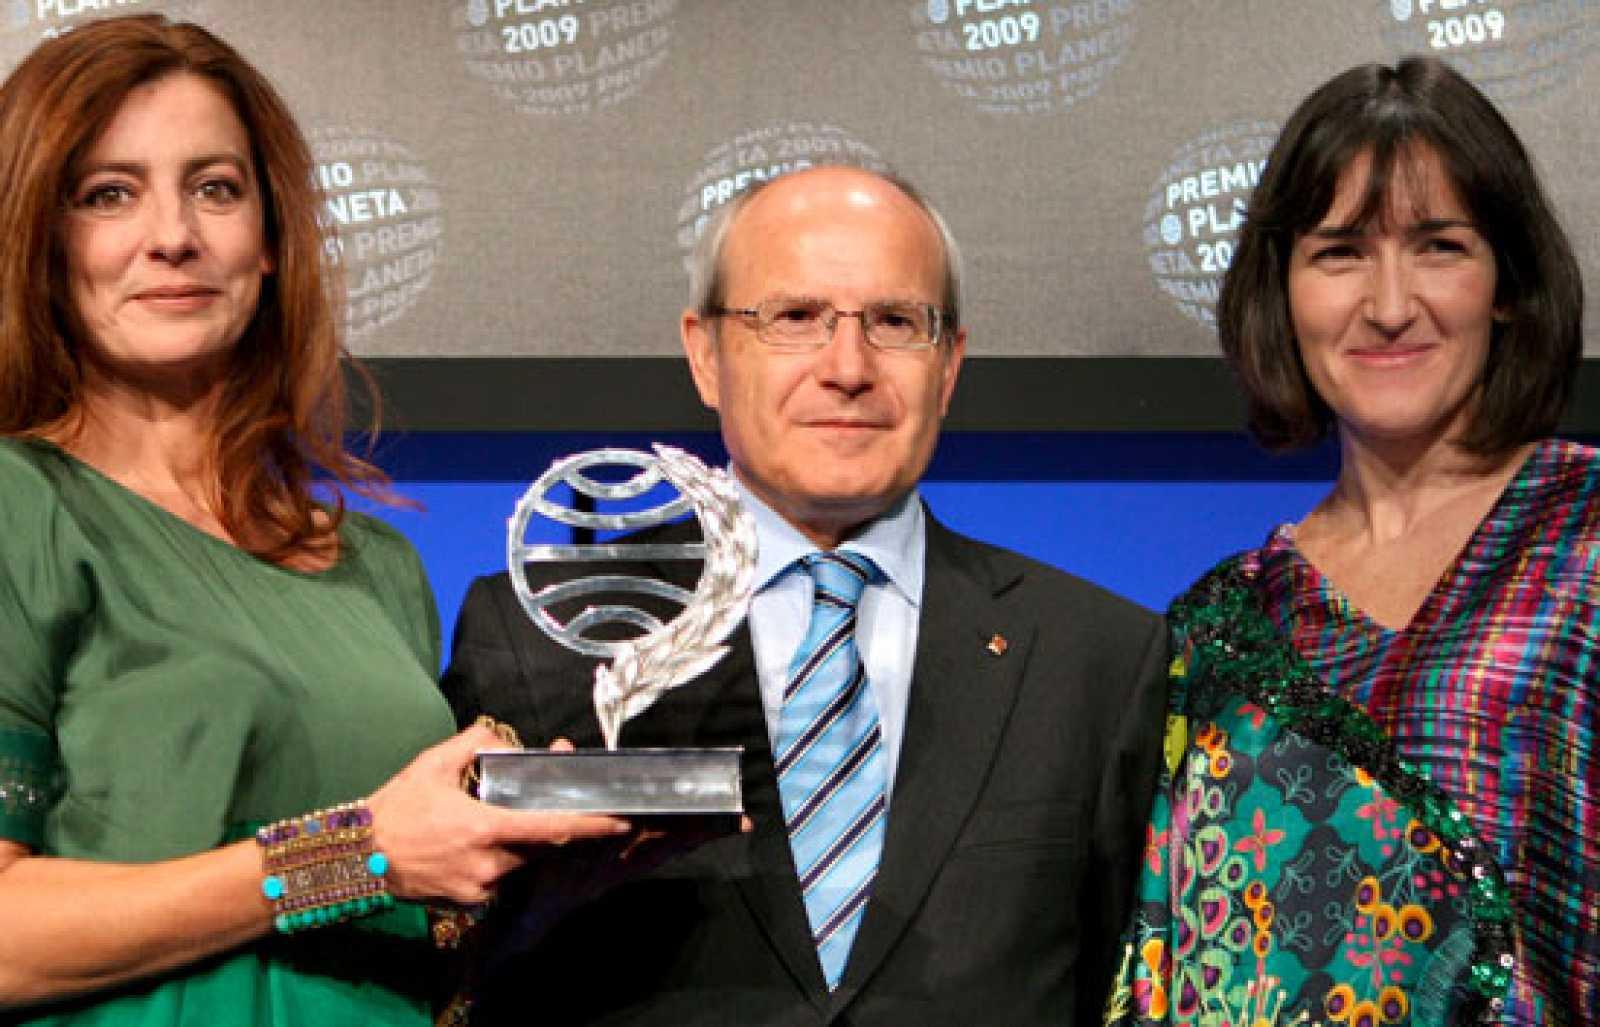 Ángeles Caso gana el Premio Planeta con una novela sobre la inmigración